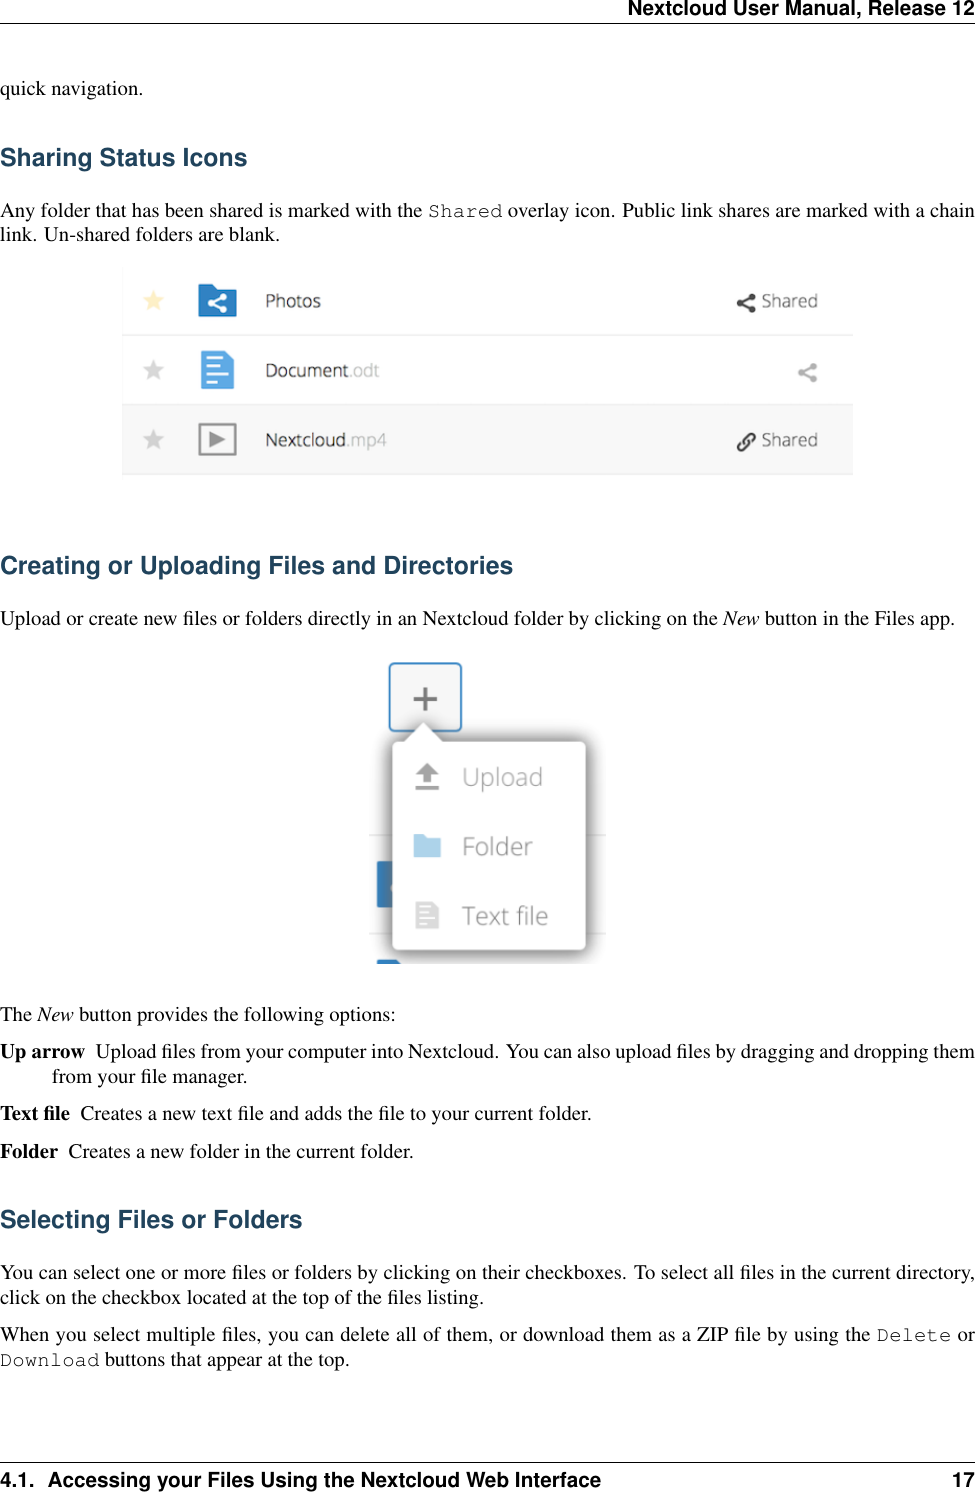 Nextcloud User Manual